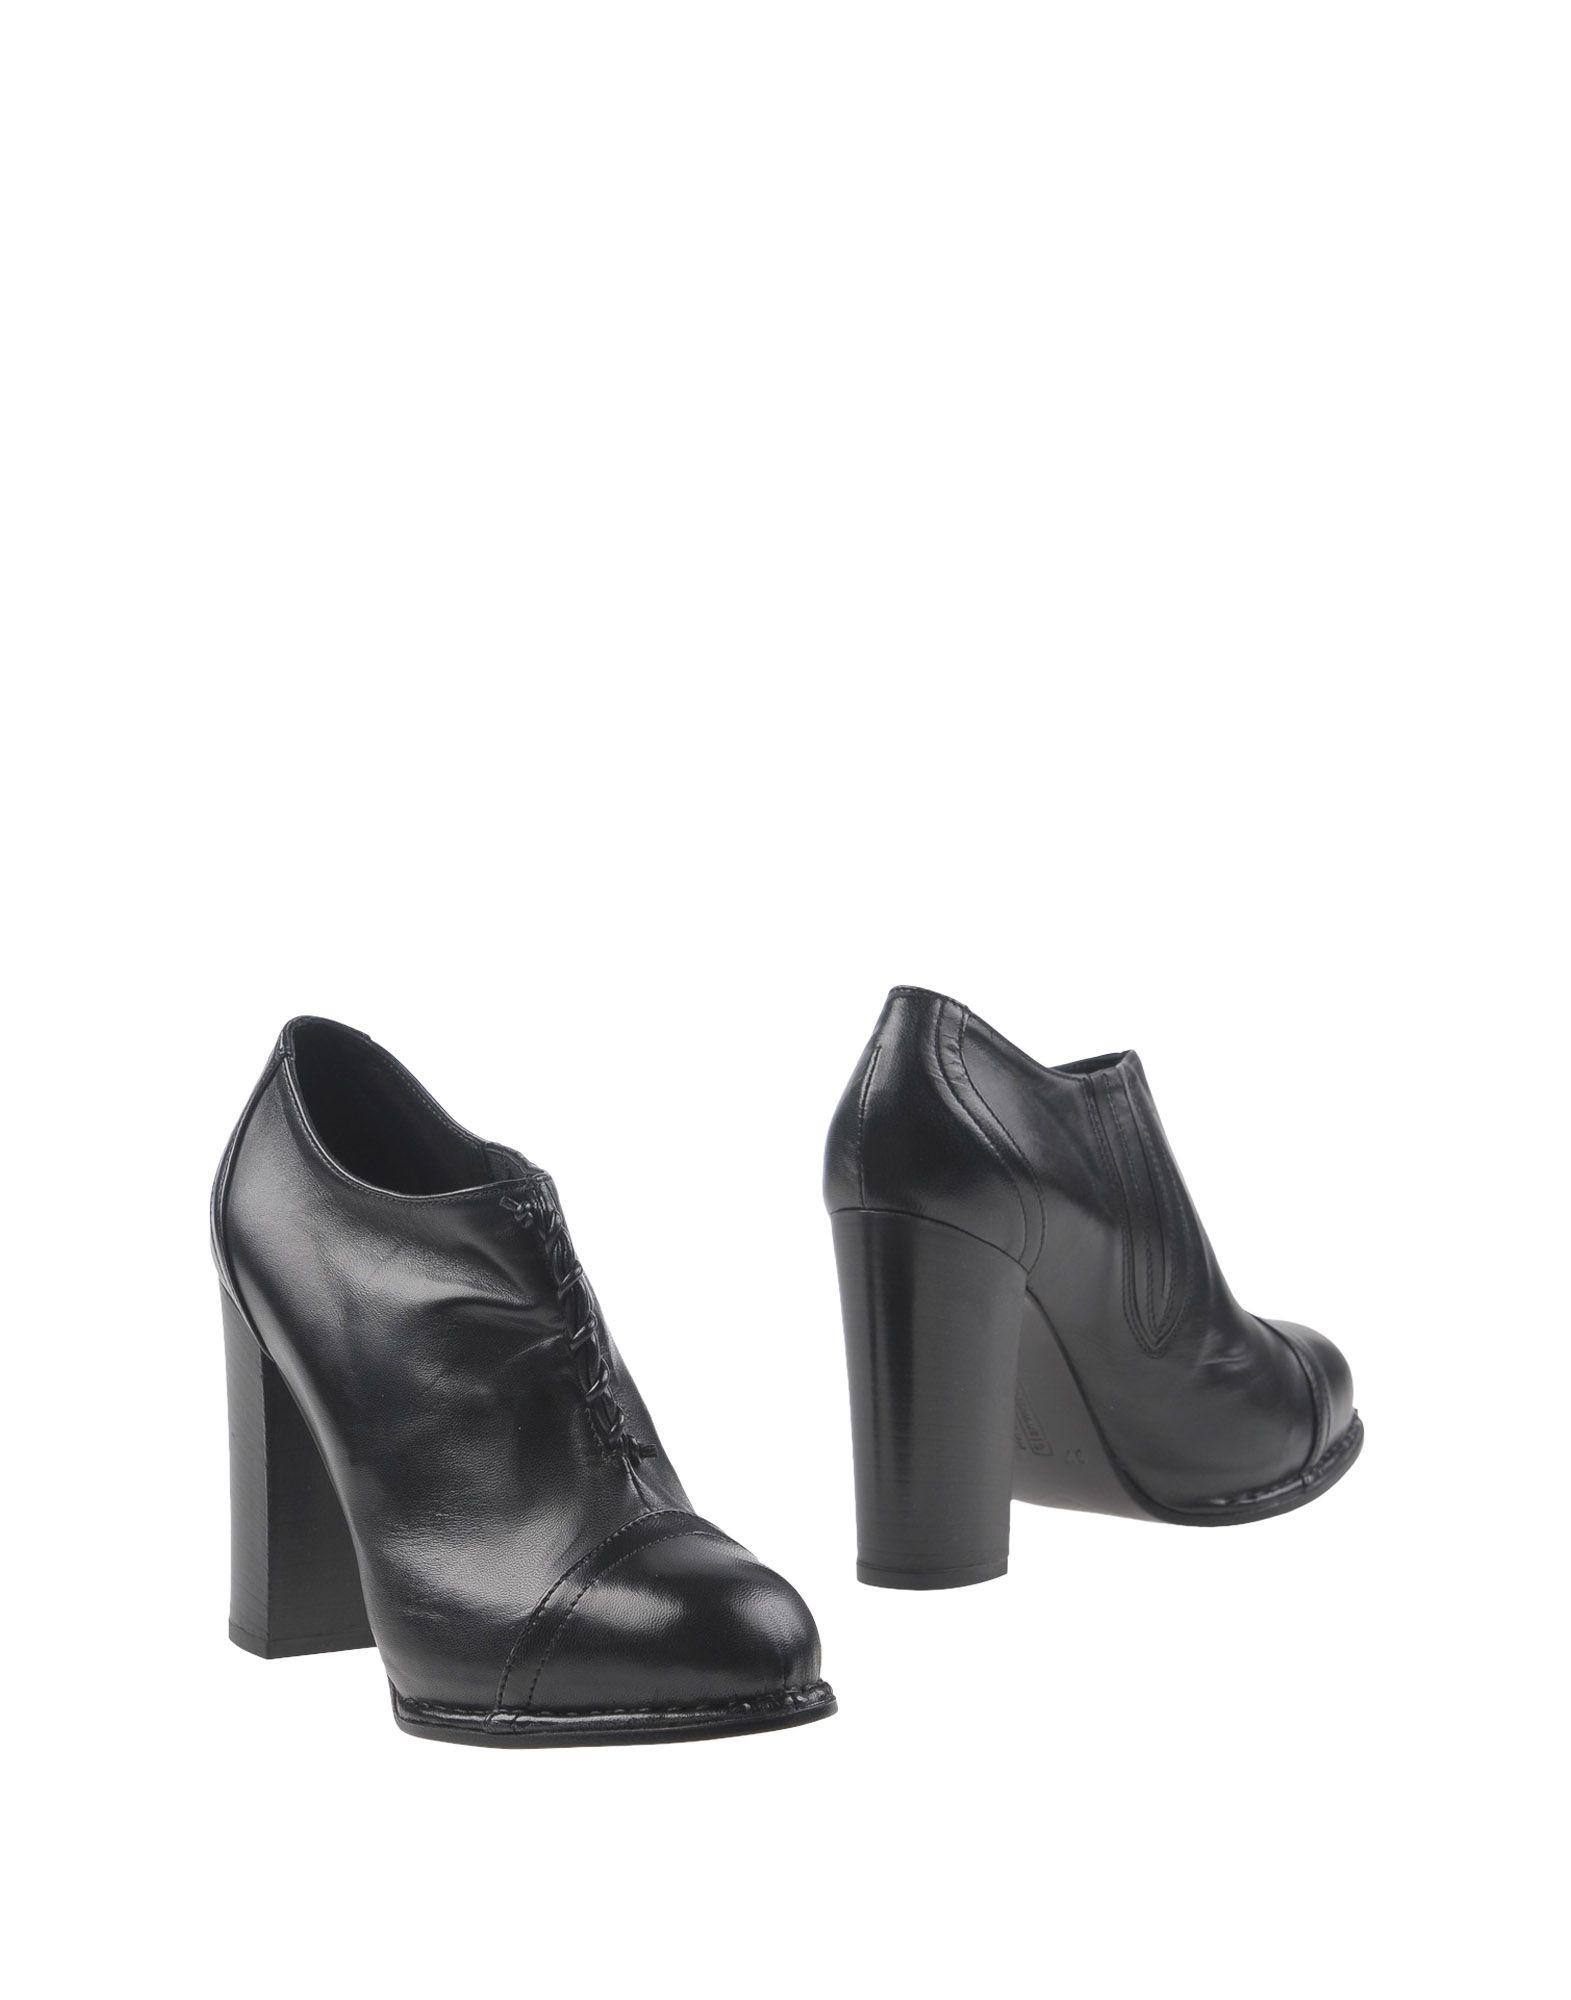 Alberto Fermani Stiefelette Damen  11294379FU Gute Qualität beliebte Schuhe